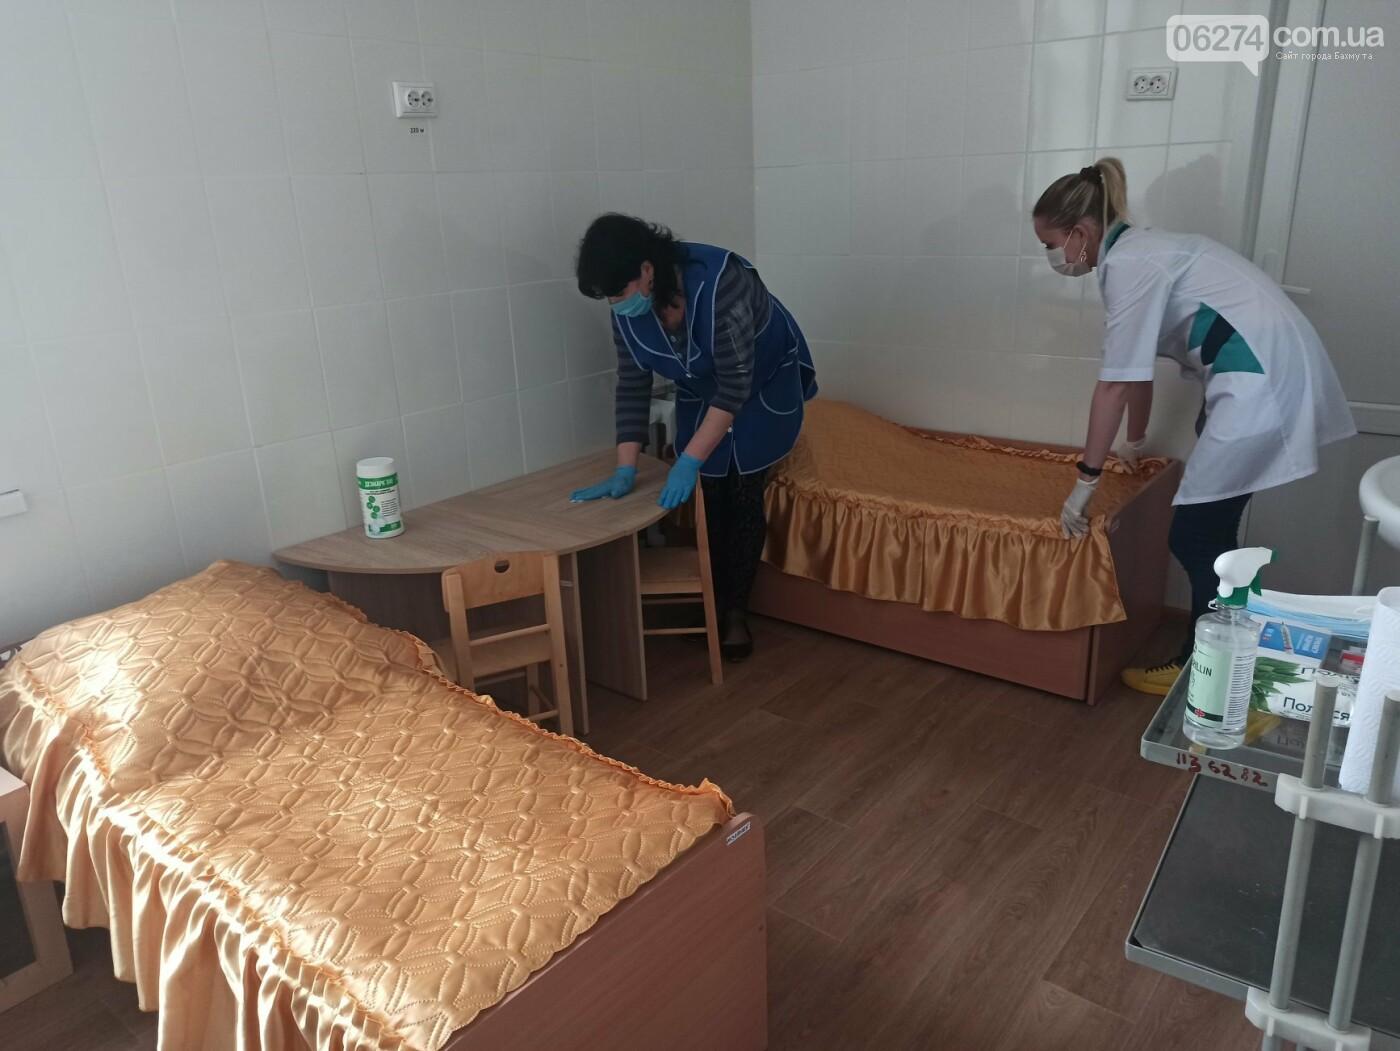 В Бахмуте продолжается подготовка к восстановлению работы детских садов, фото-2